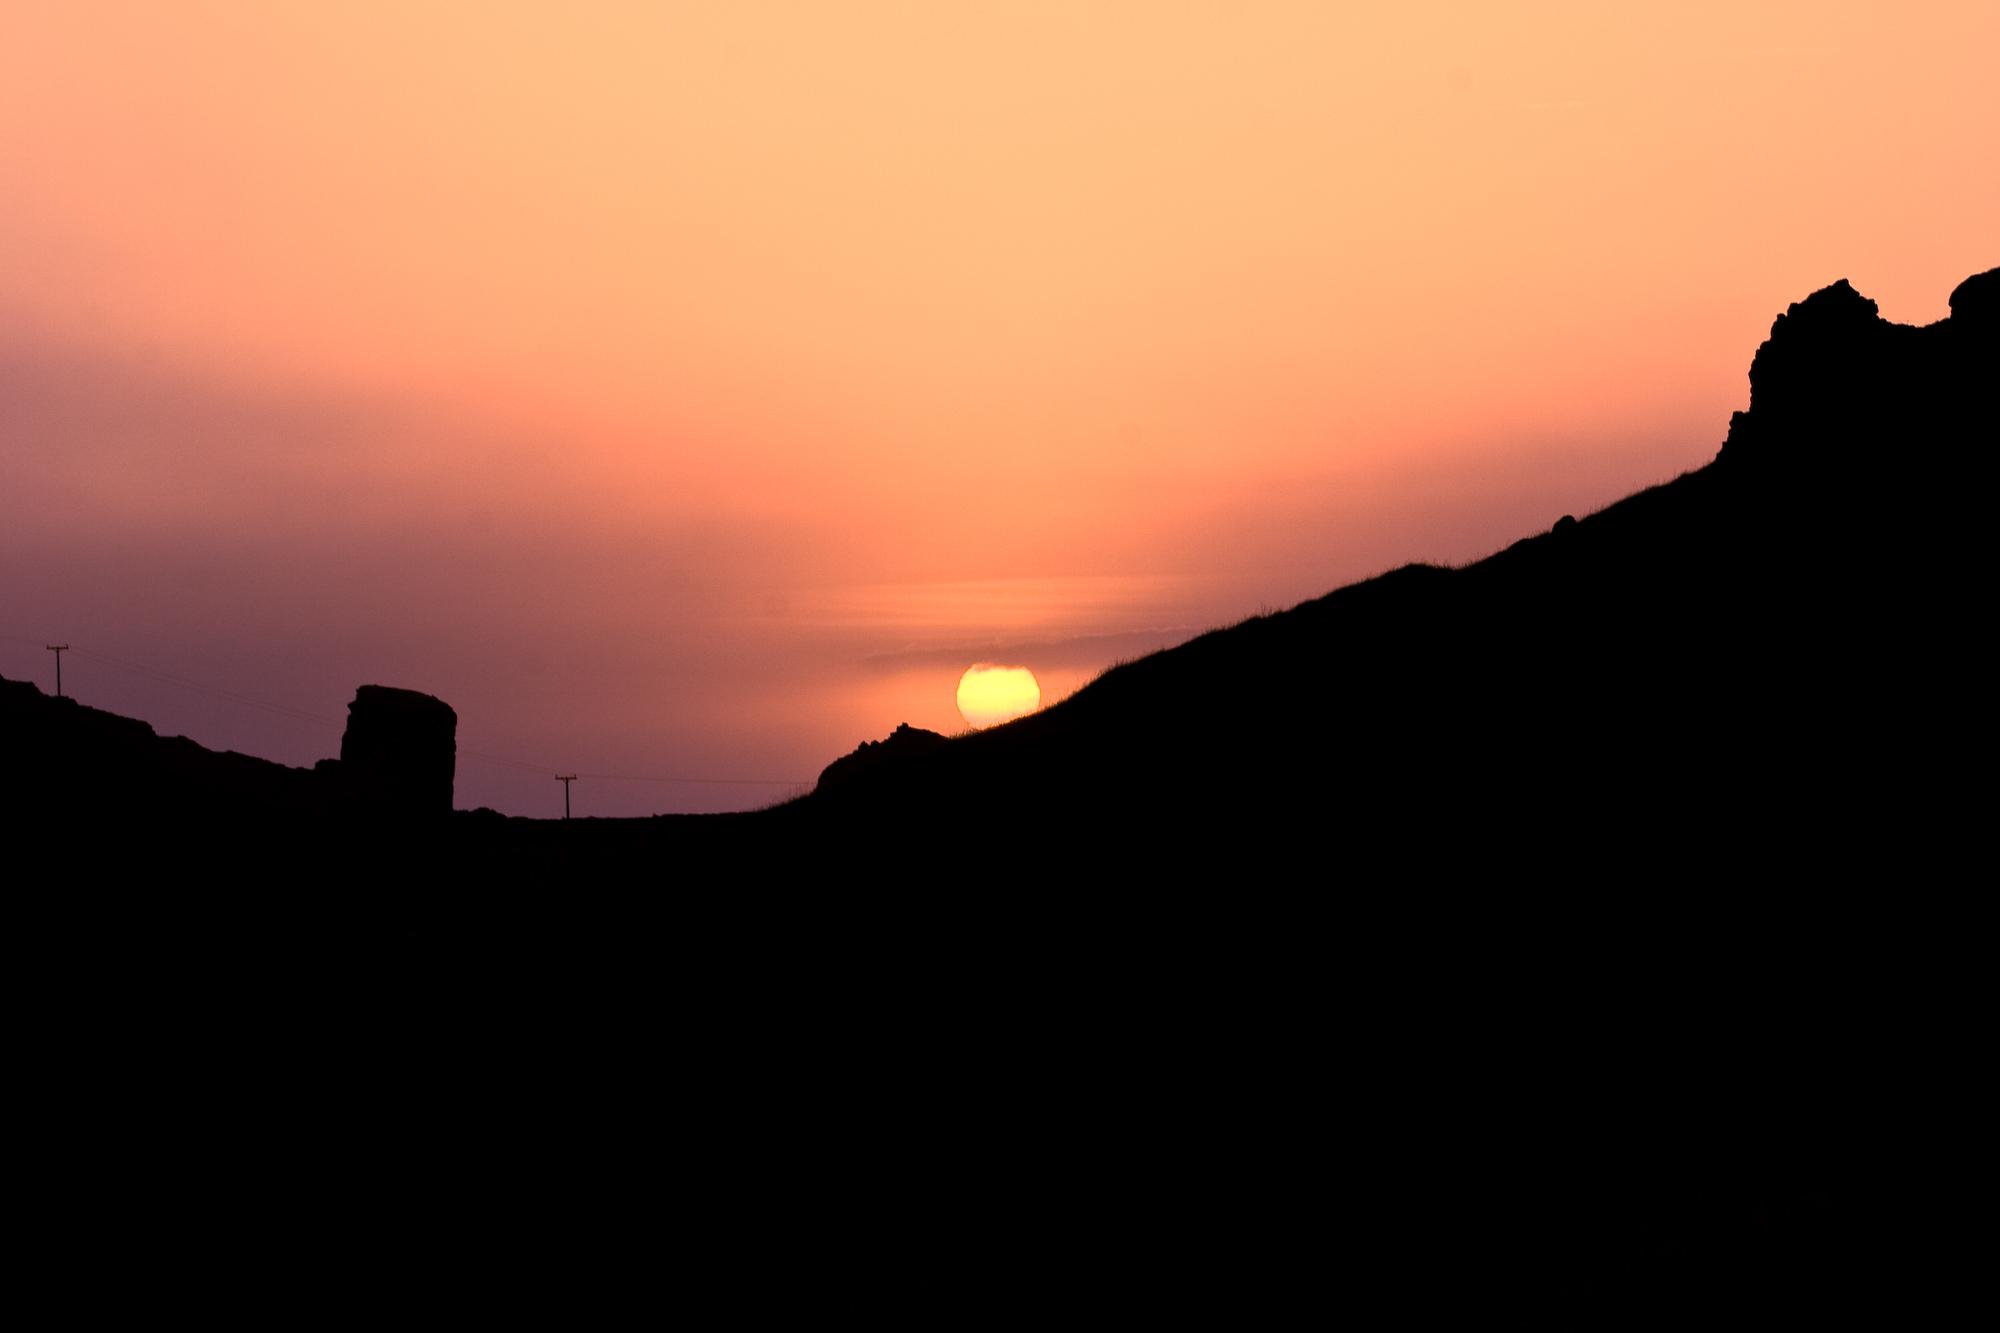 Sunset at reykjanes peninsula photo